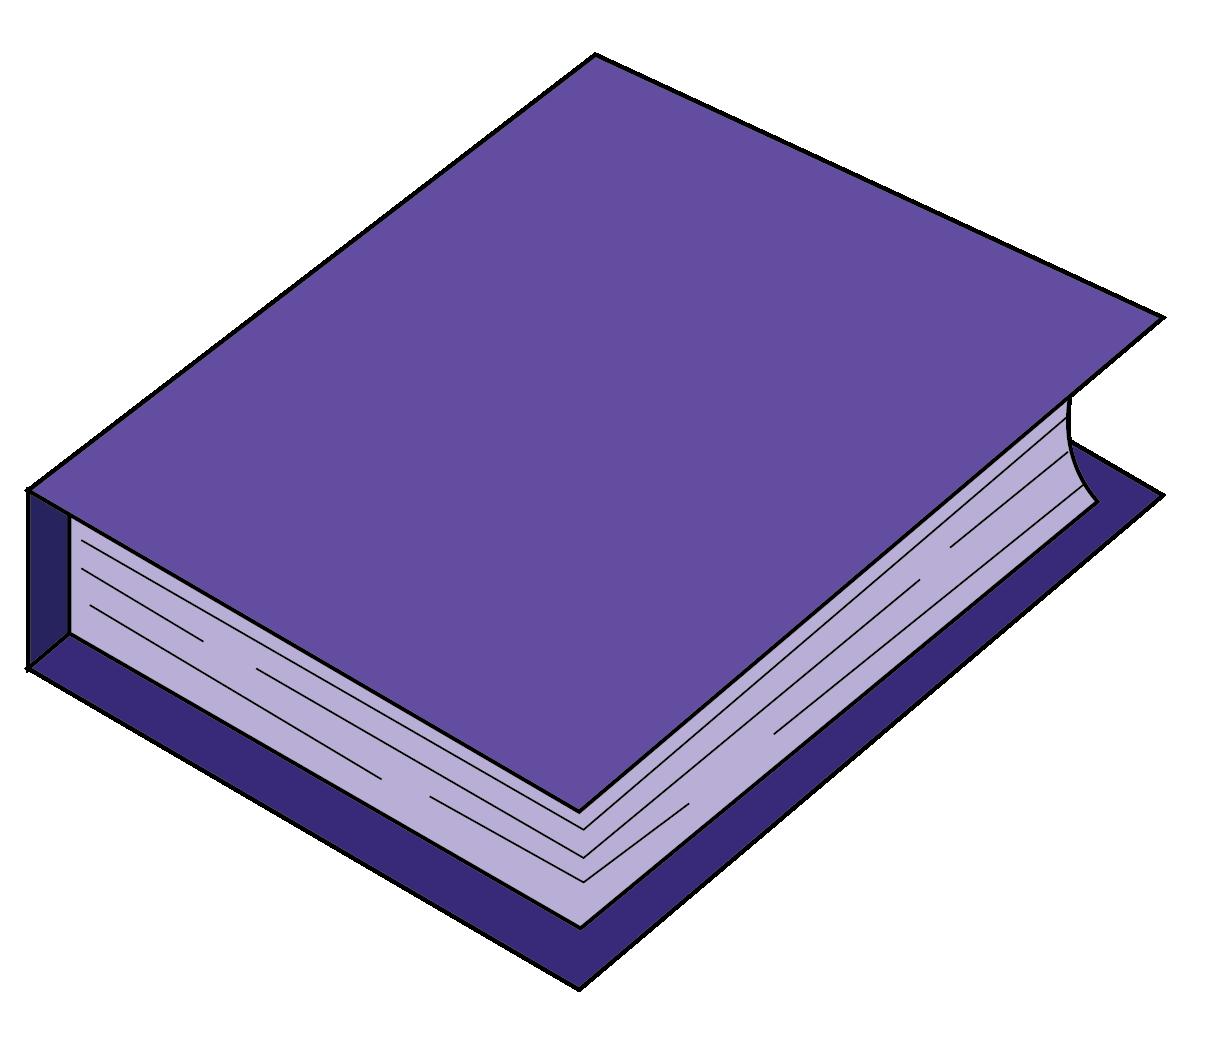 Book: An example of rectangular prism